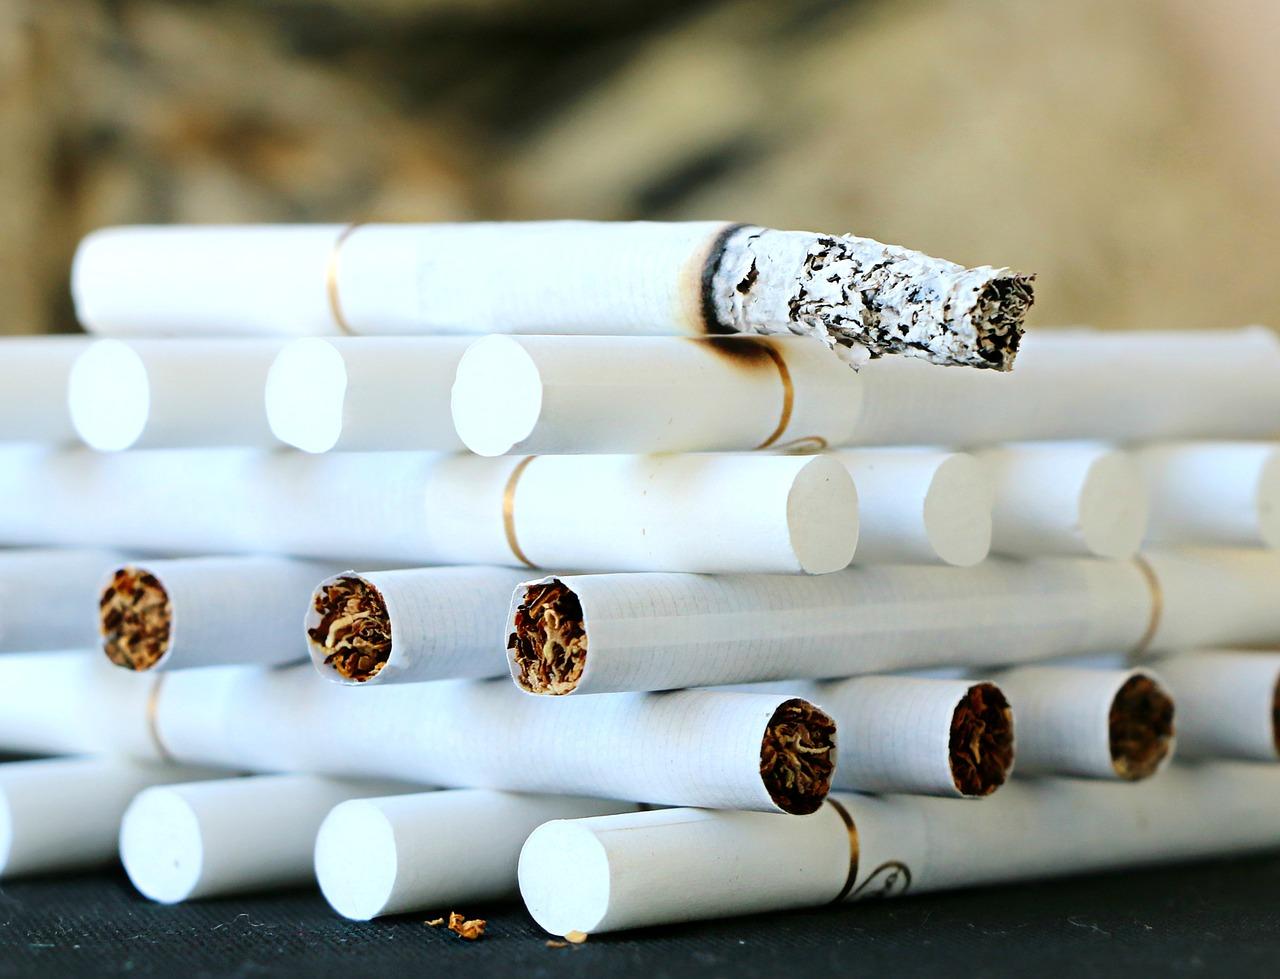 Vzdali byste se za 500 korun měsíčně cigarety?